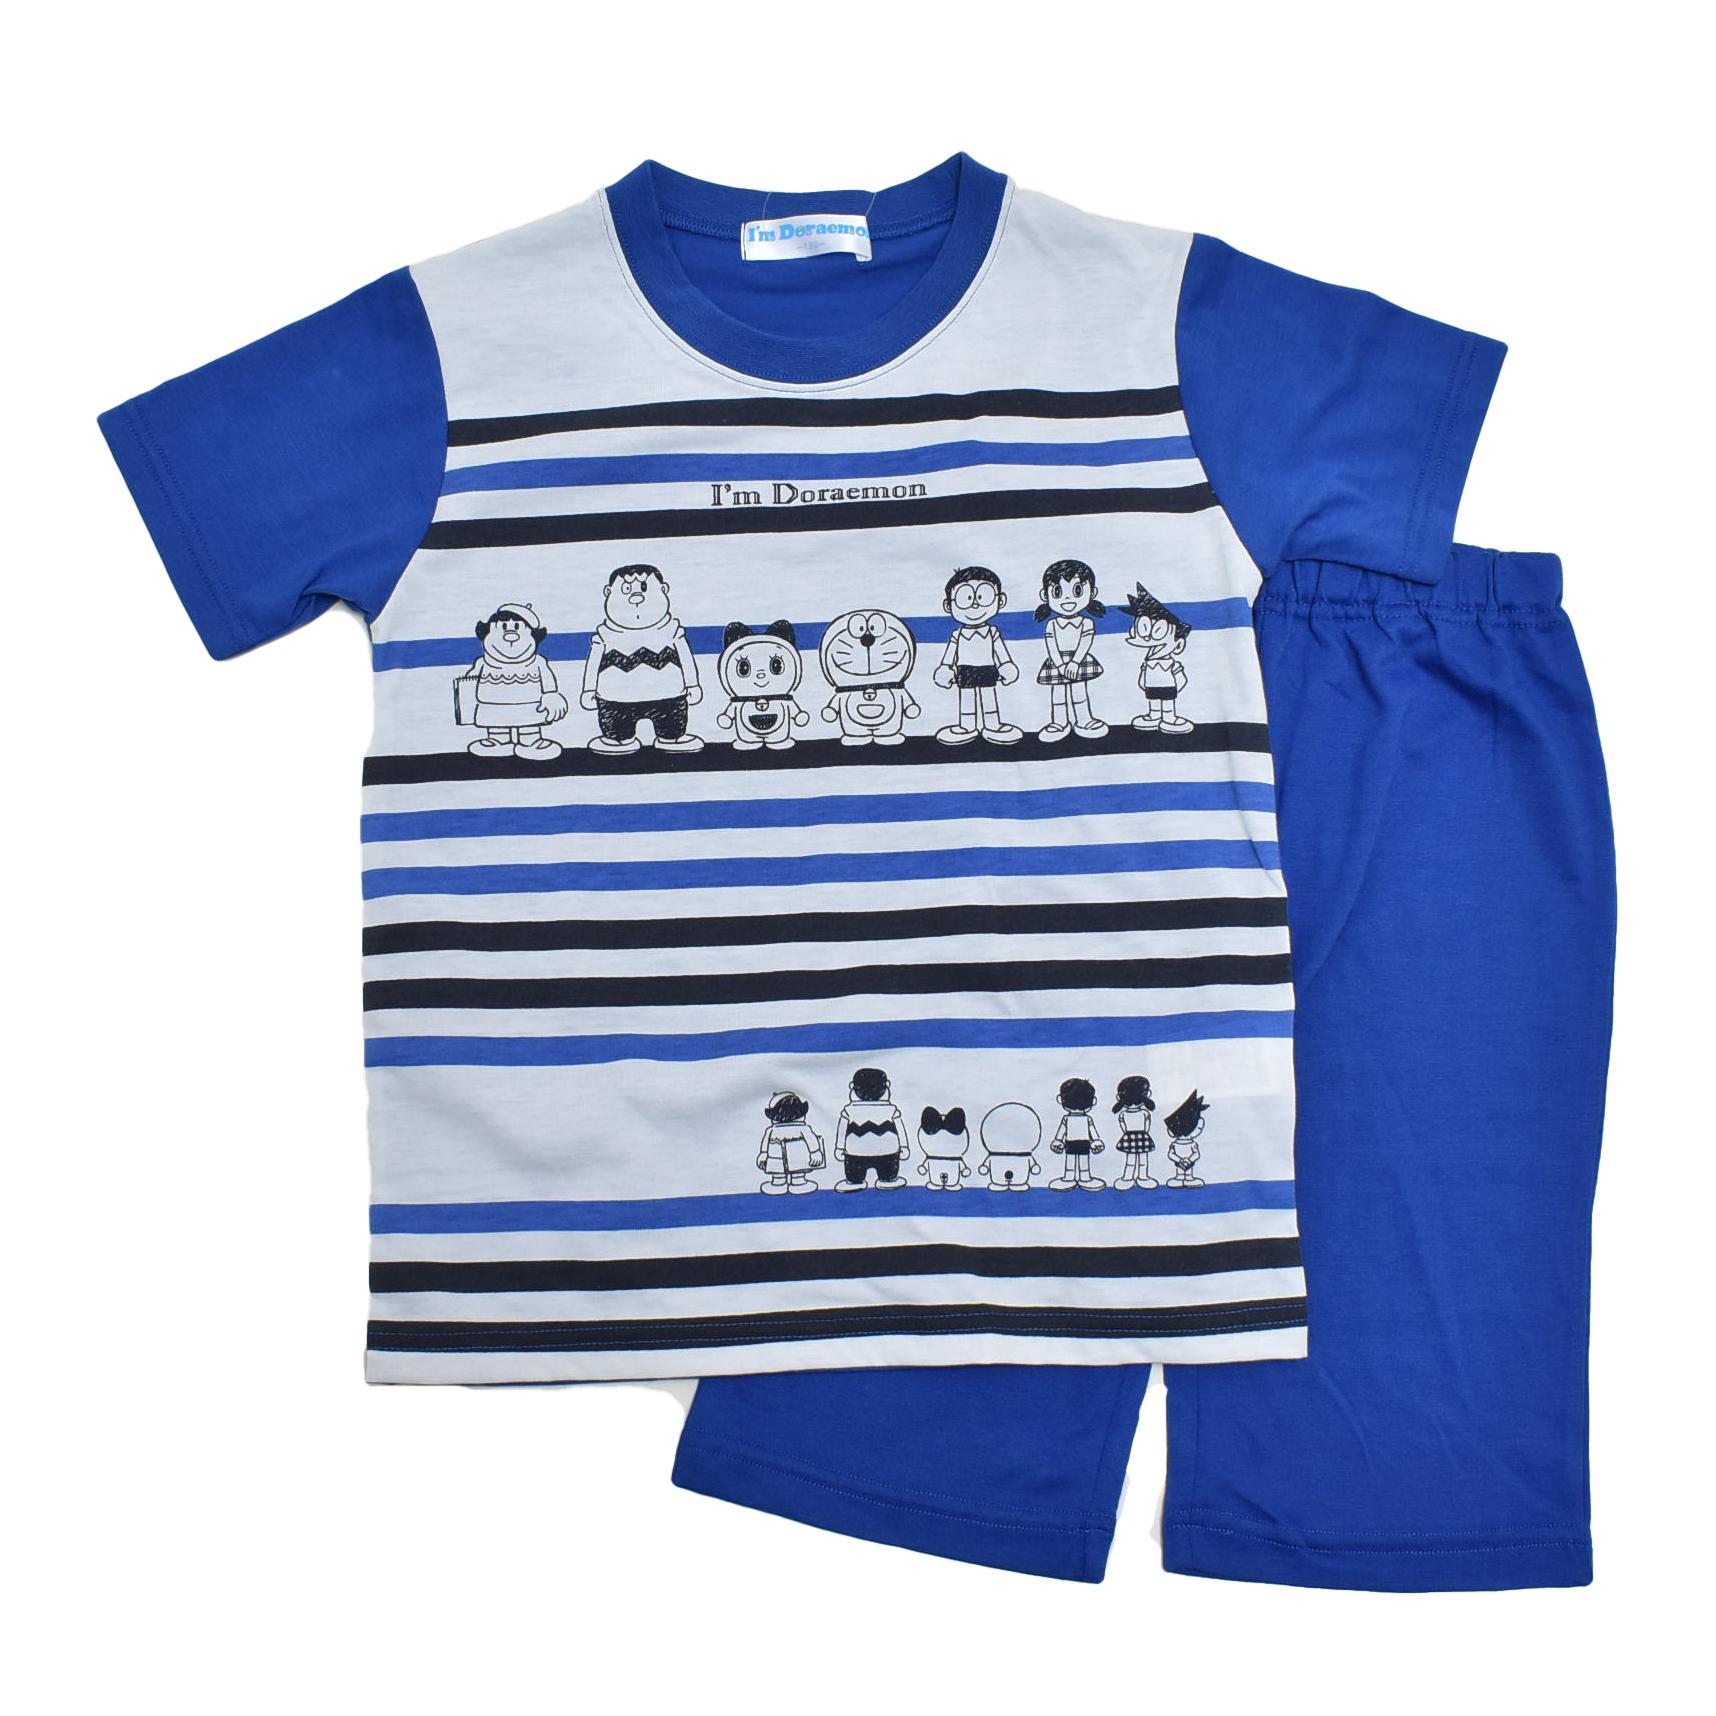 アイム ドラえもん  半袖Tシャツ生地のパジャマ ジュニア 130cm-150cm  (132DR0072-BU)